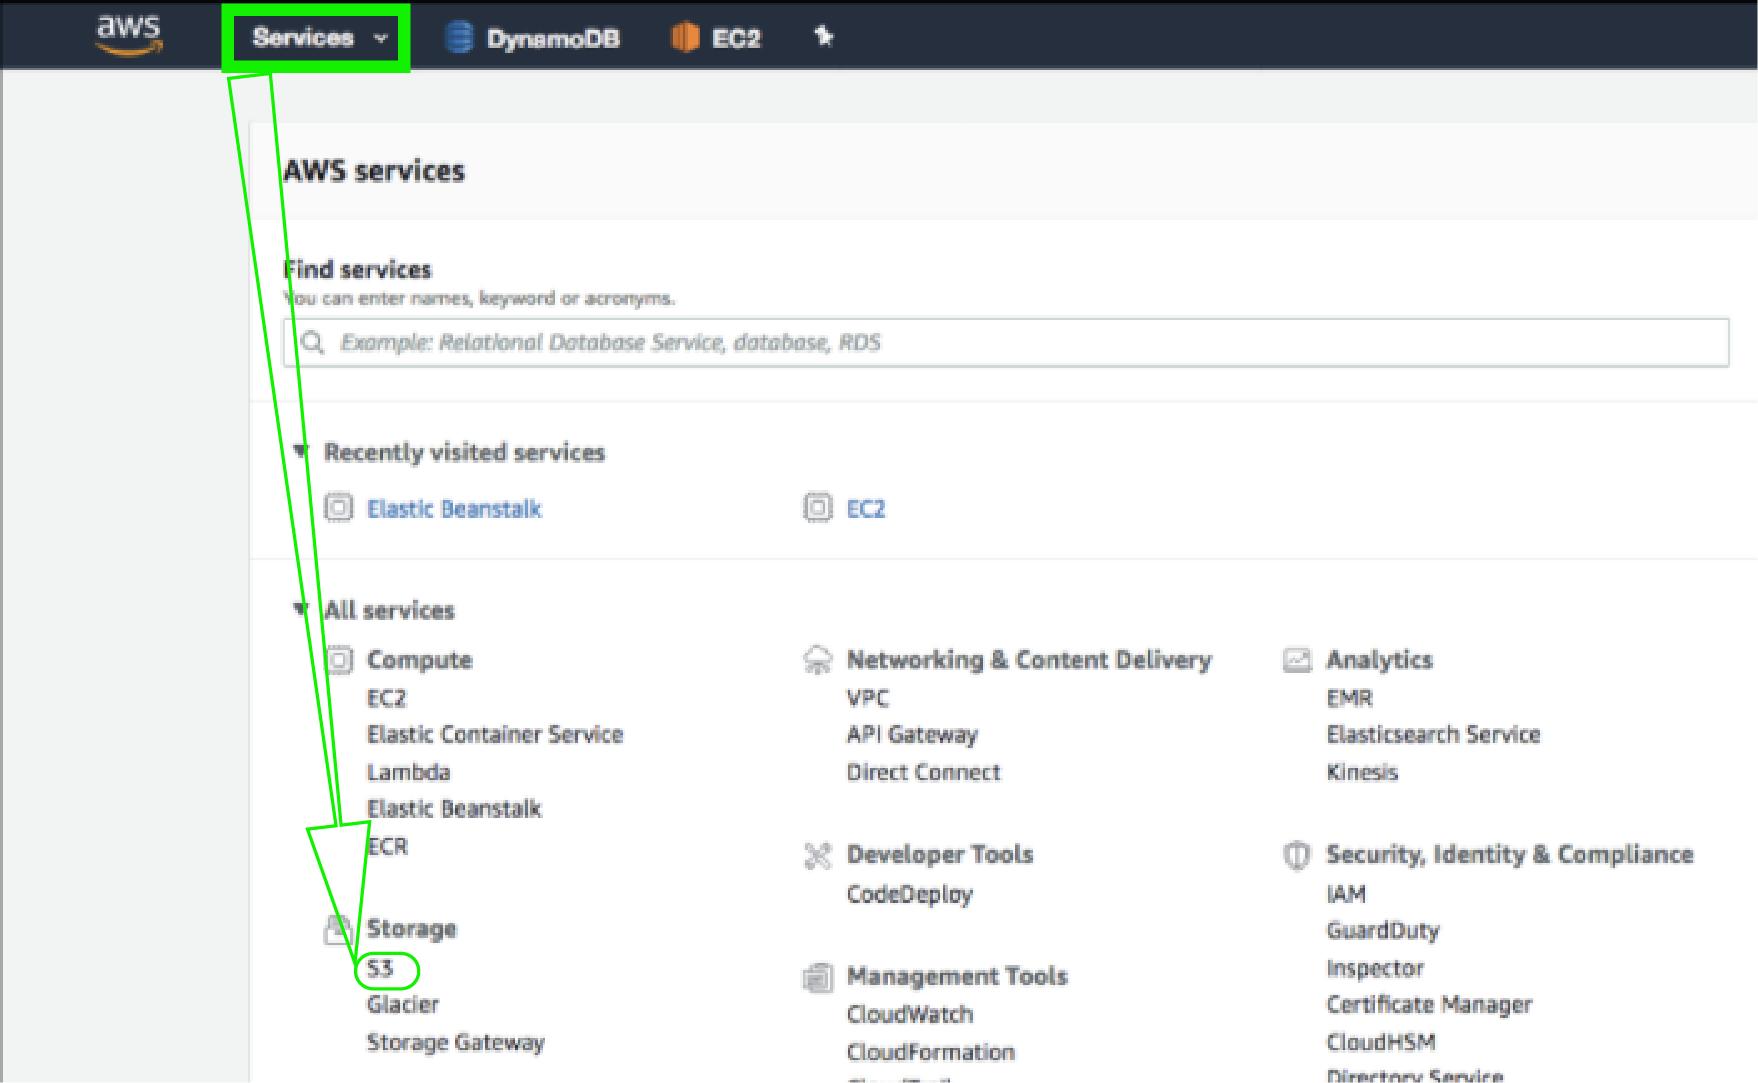 AWS Services Dashboard